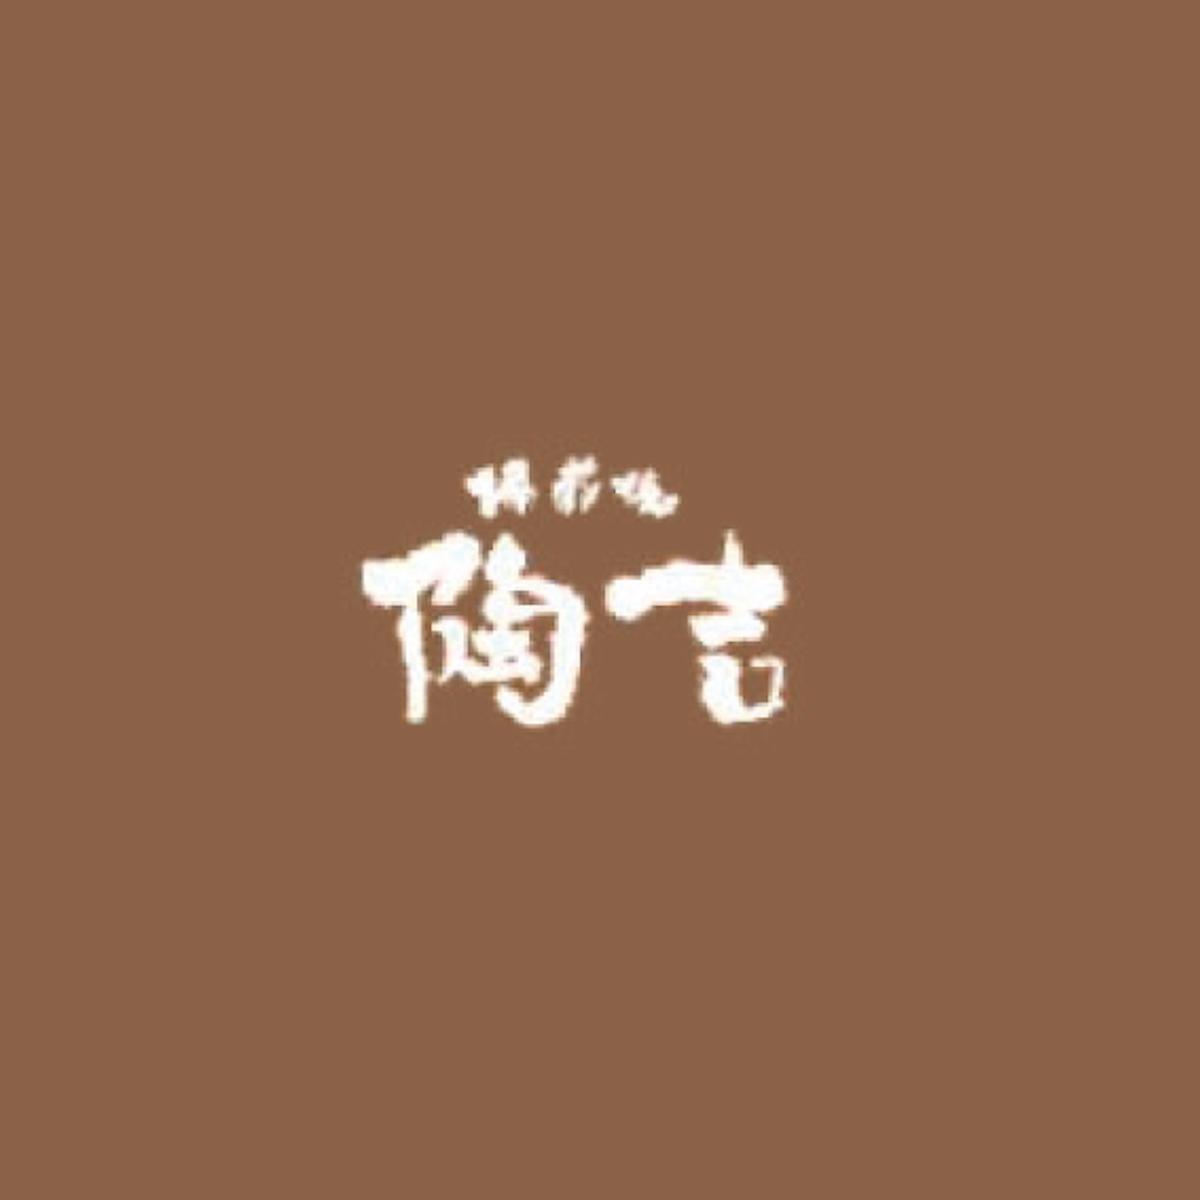 Toukichi logo